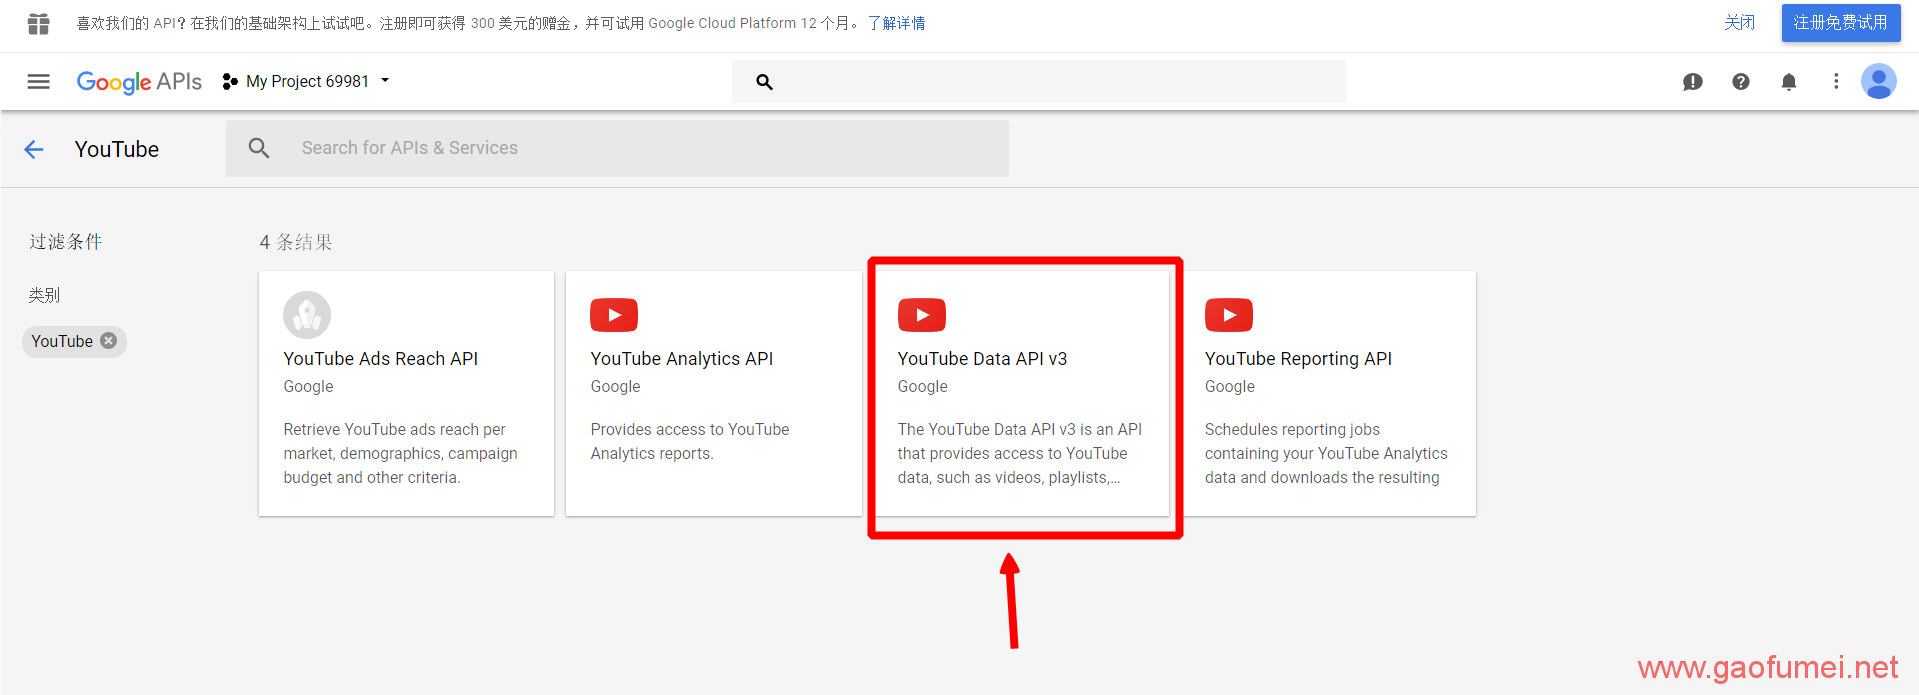 低成本搭建私人Youtube镜像,国外PHP虚拟搭建油管镜像攻略! 网络问题 第8张-泥人传说